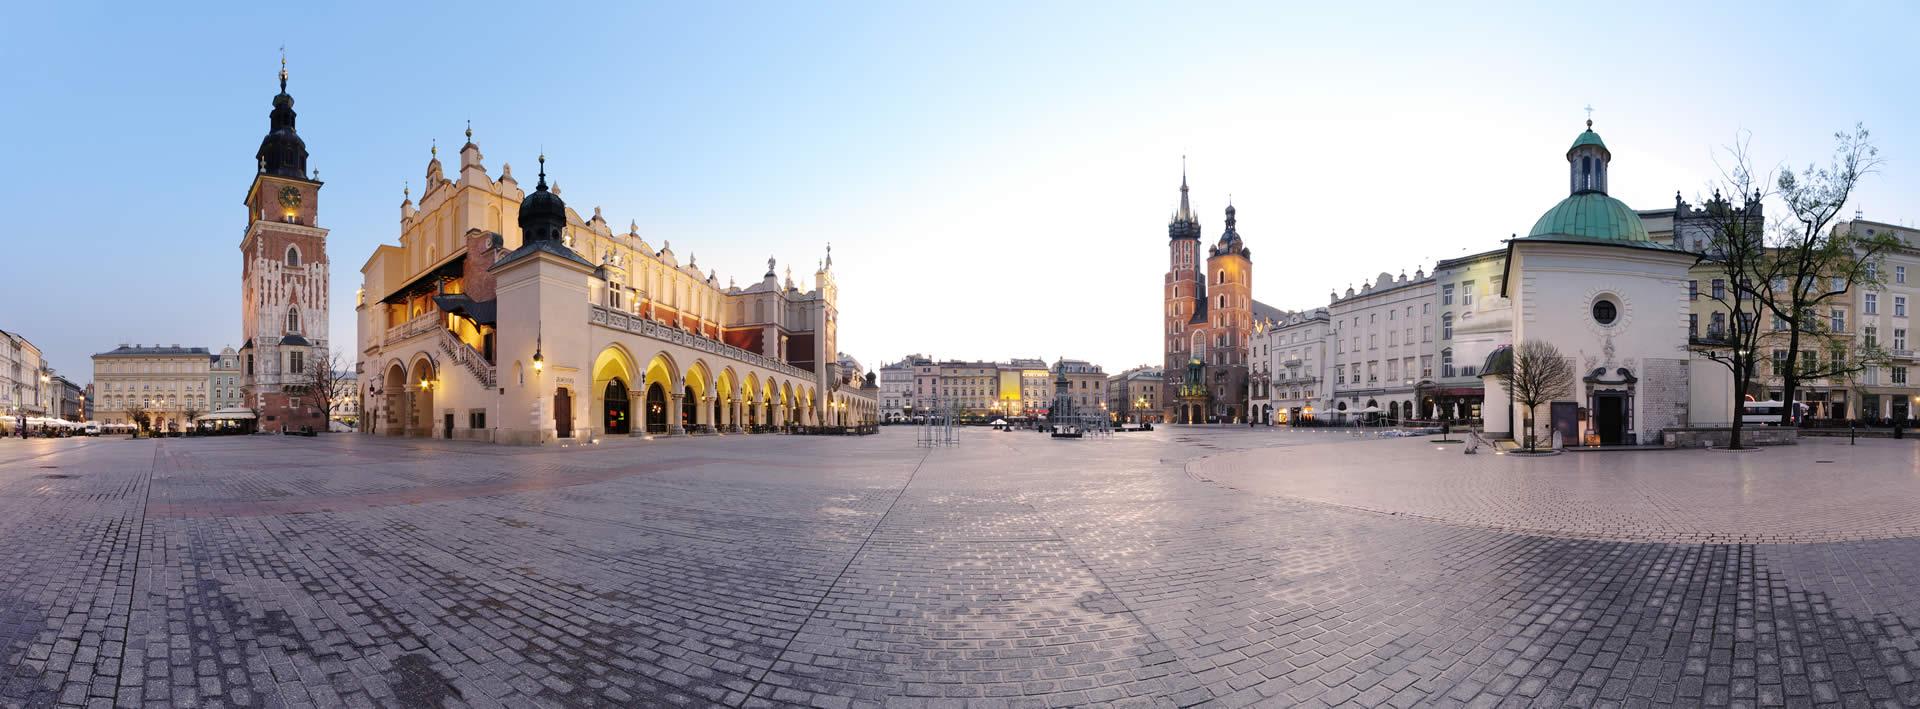 Wydarzenia - chrześcijański speed dating dla mieszkańców Krakowa